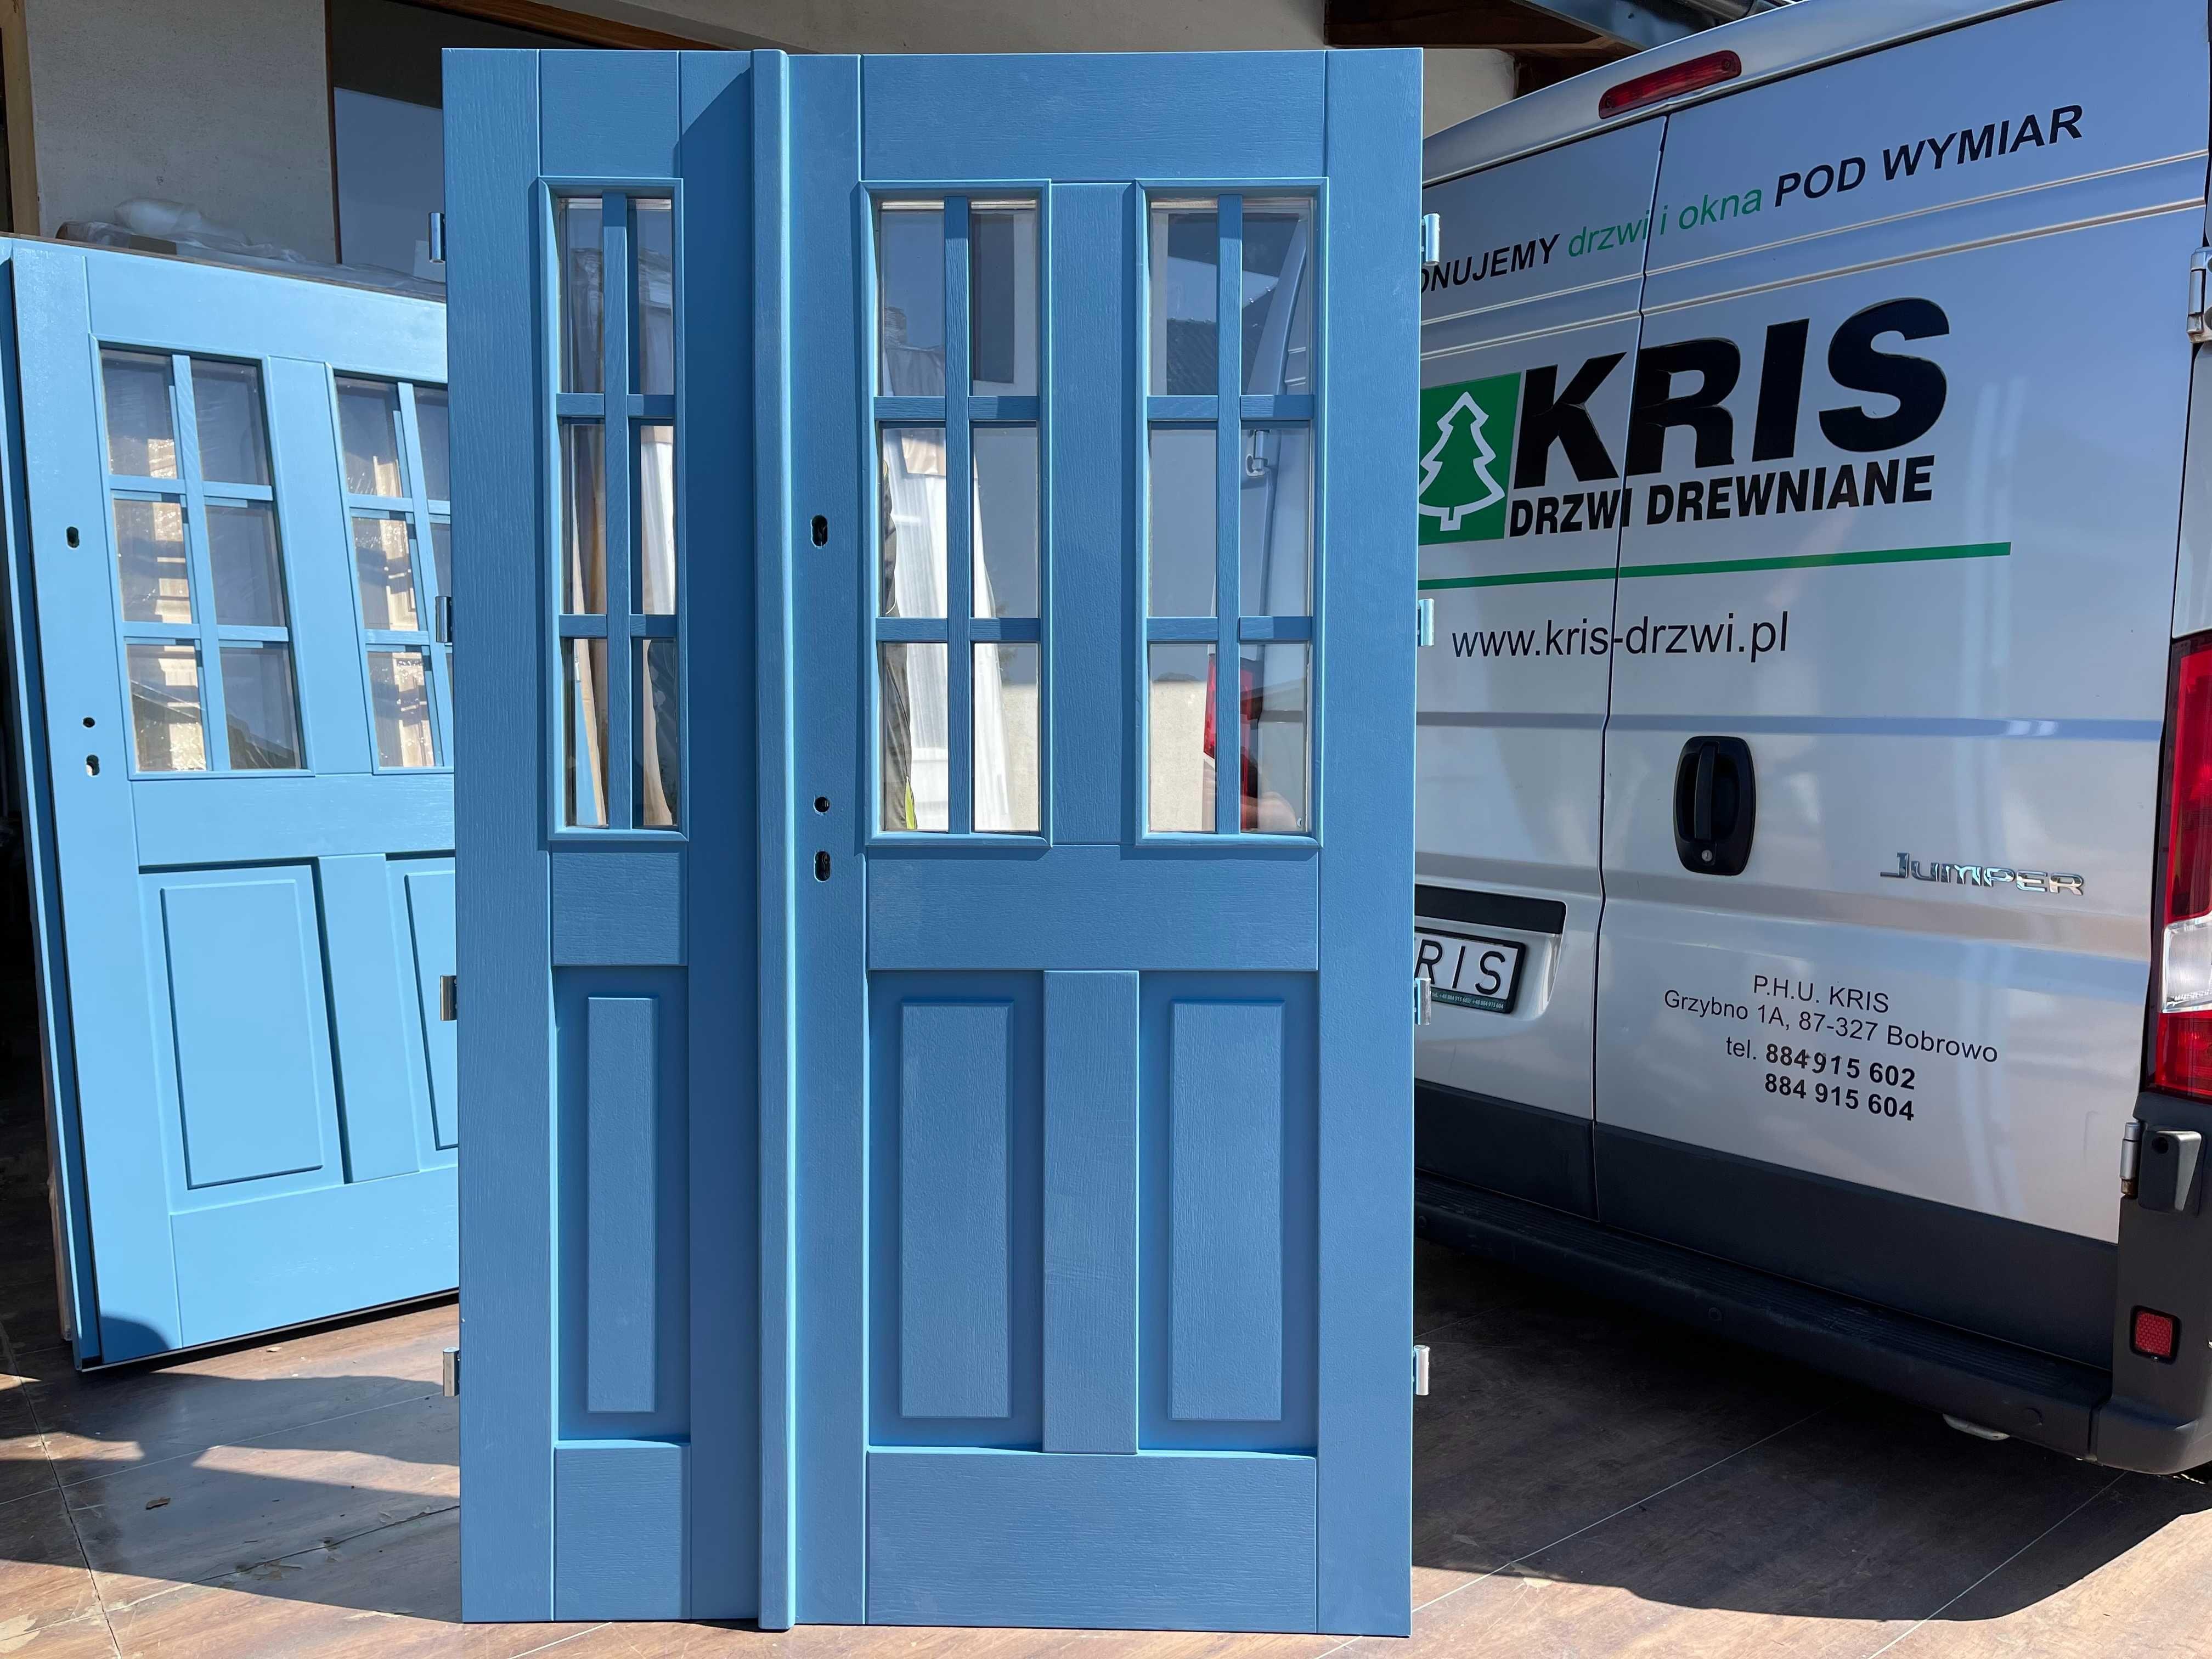 Drzwi zewnętrzne drewniane ocieplane niebieskie CAŁA POLSKA